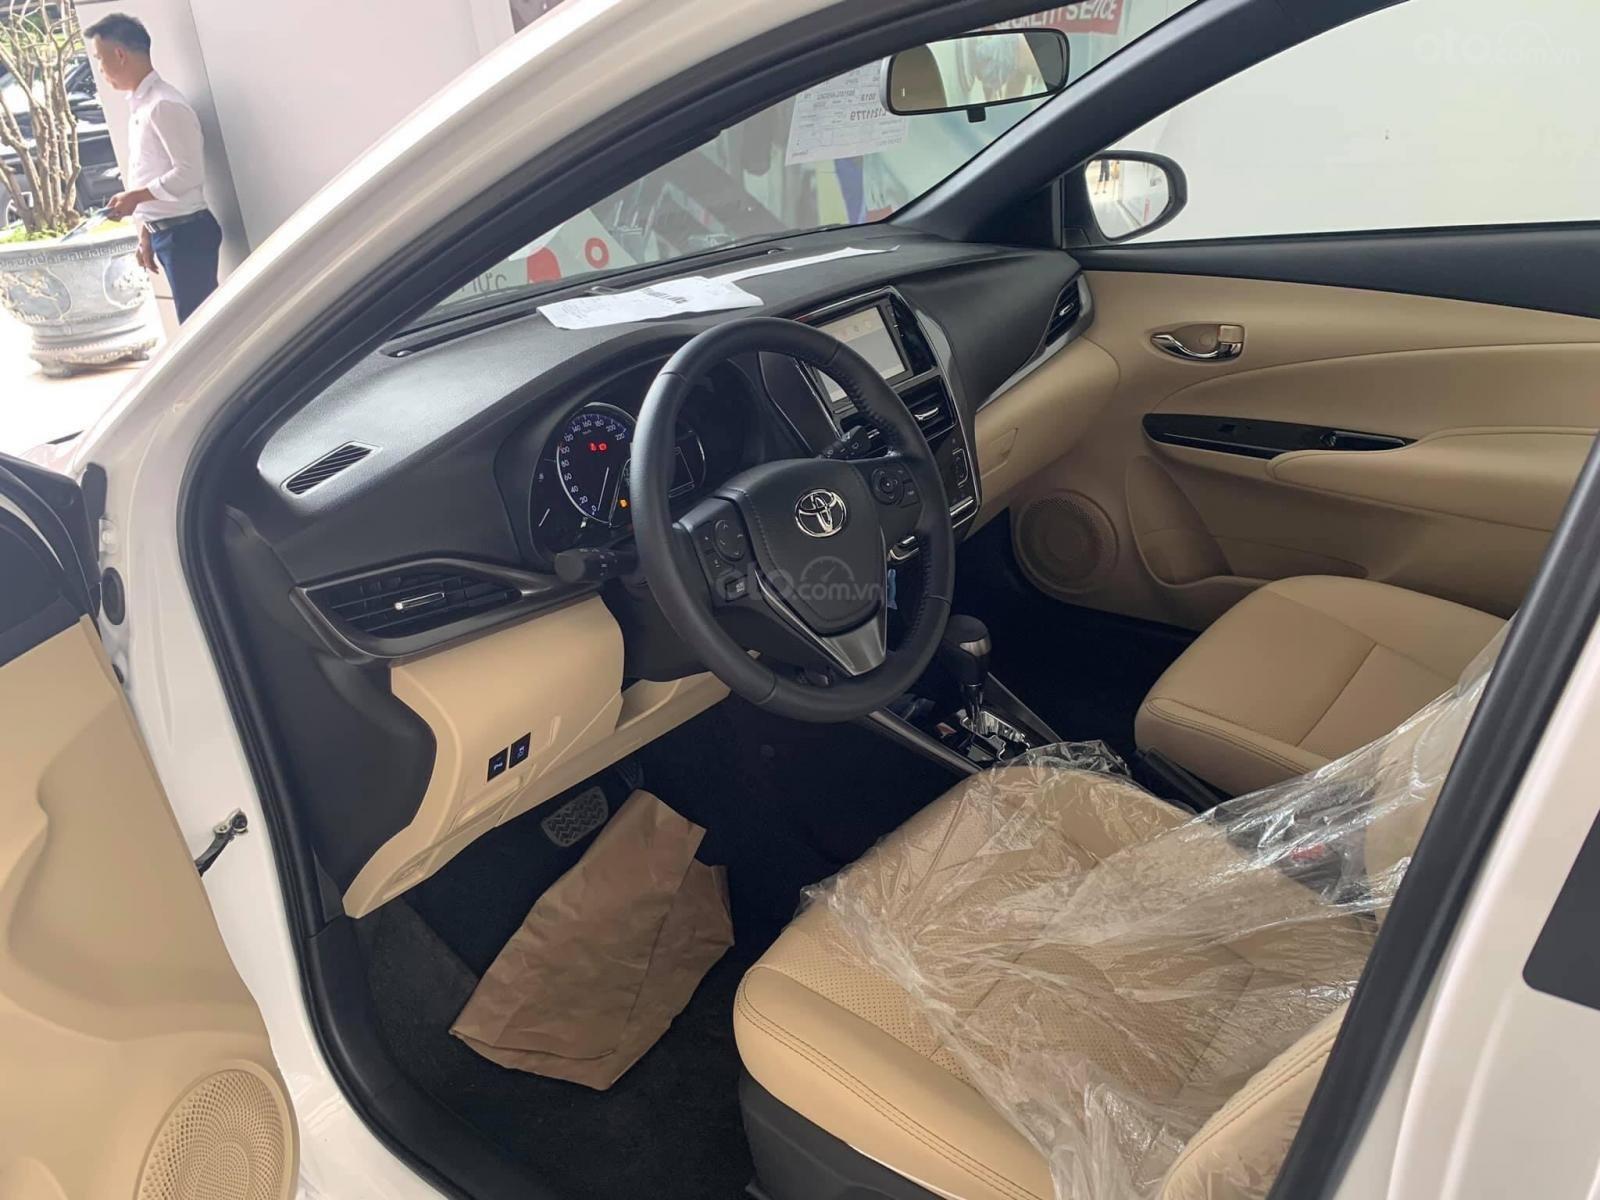 Toyota Yaris 2020 phiên bản mới, nhập khẩu nguyên chiếc Thái Lan, sẵn xe giao ngay (4)